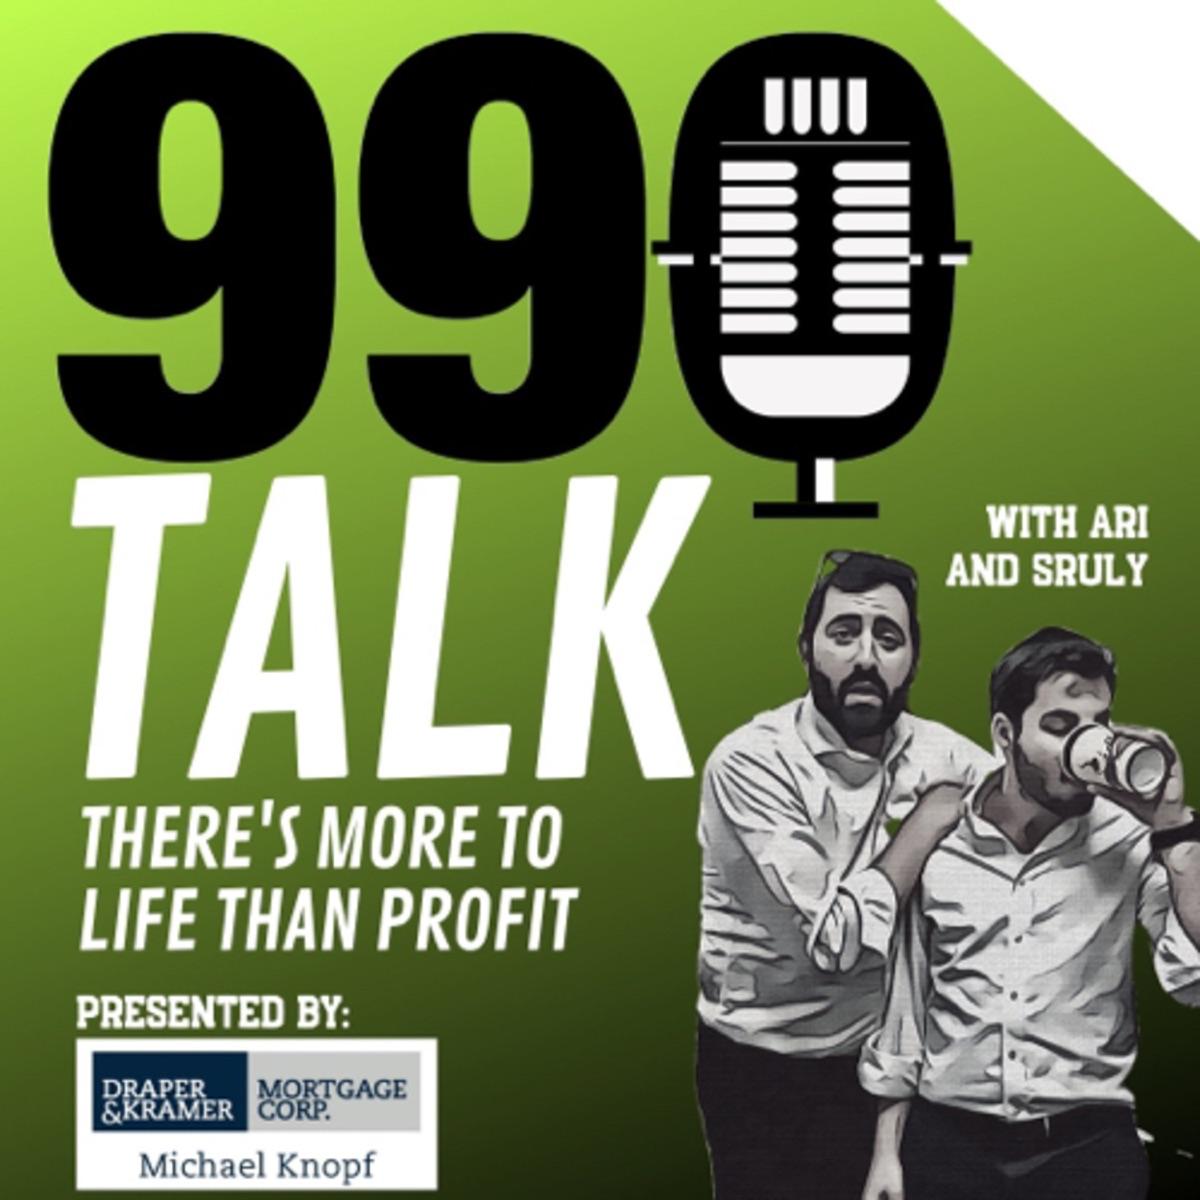 990 Talk